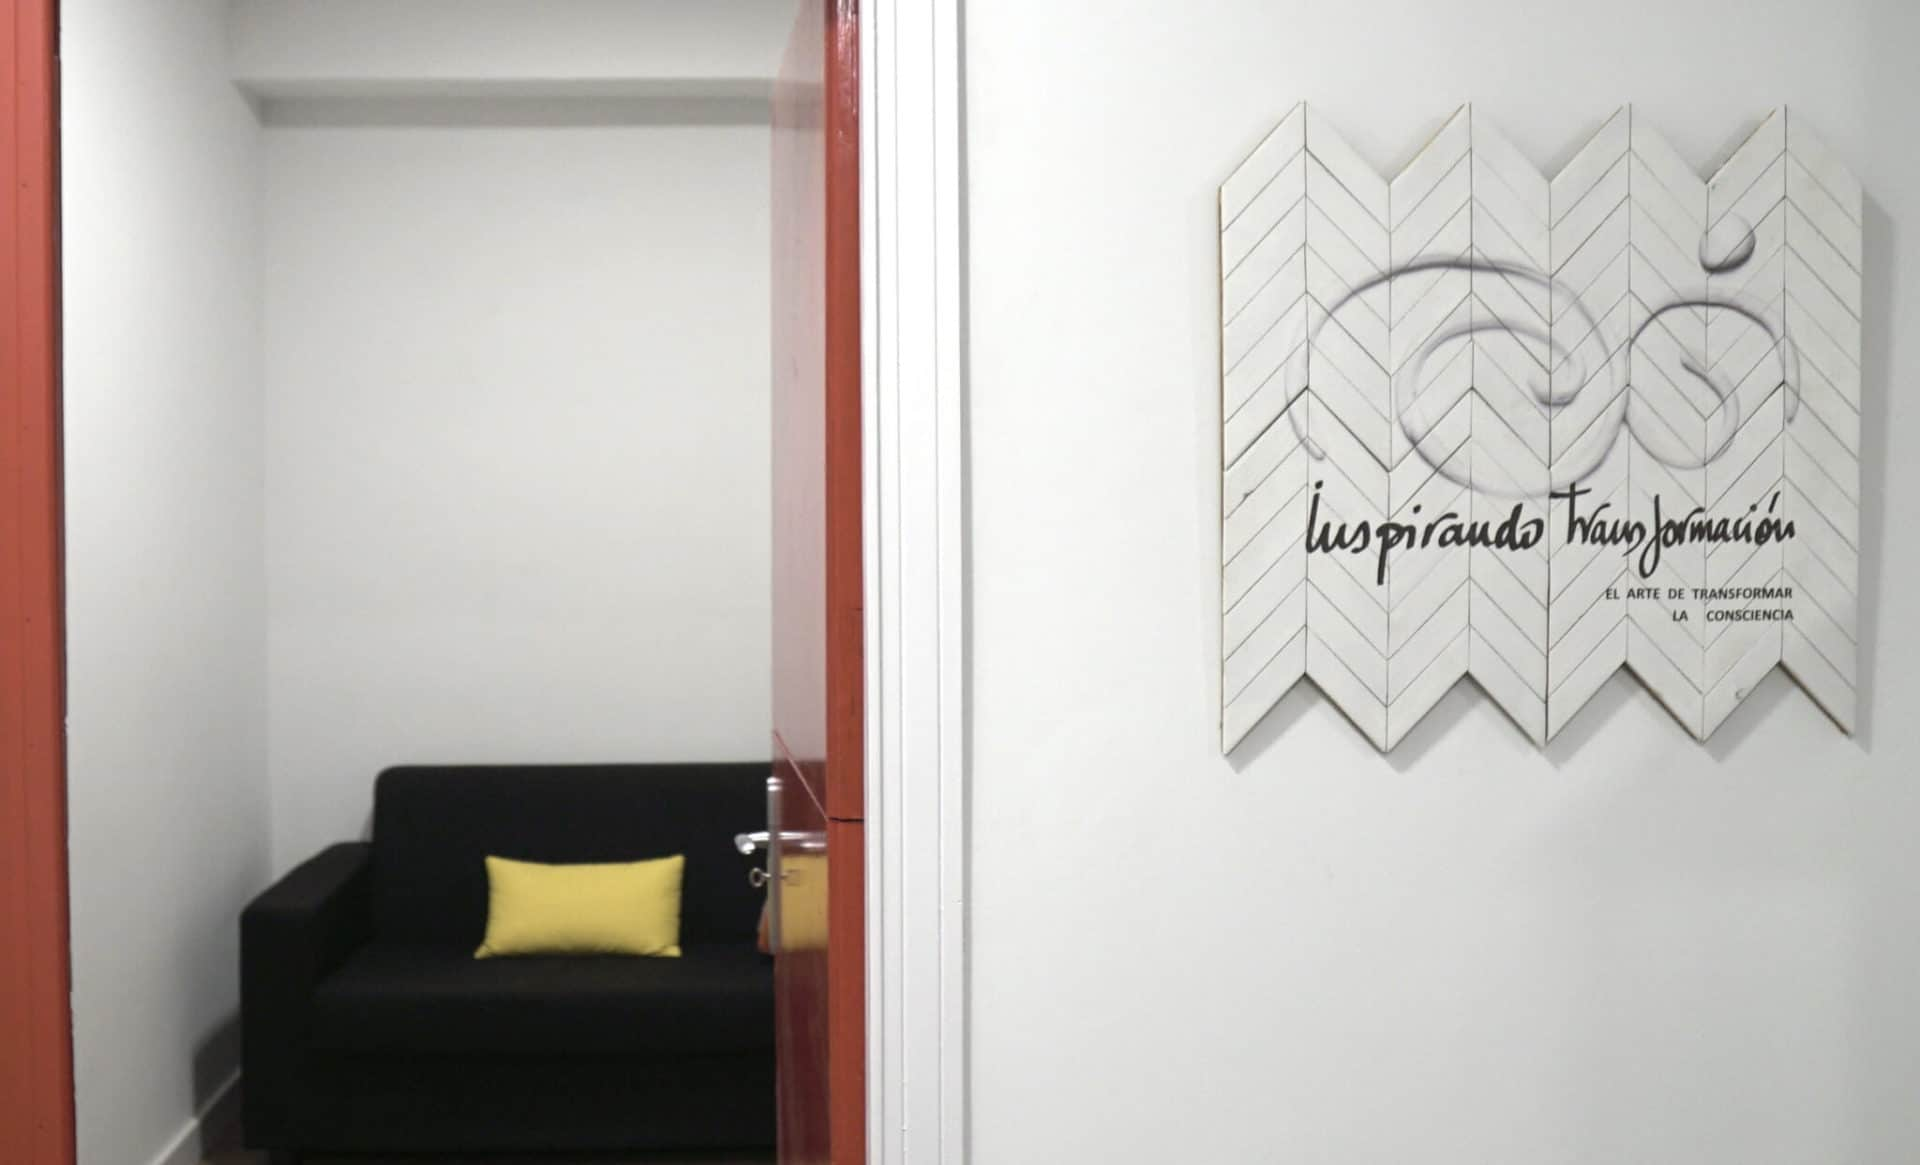 ¿Quieres conocer el nuevo espacio de Inspirando Transformación?